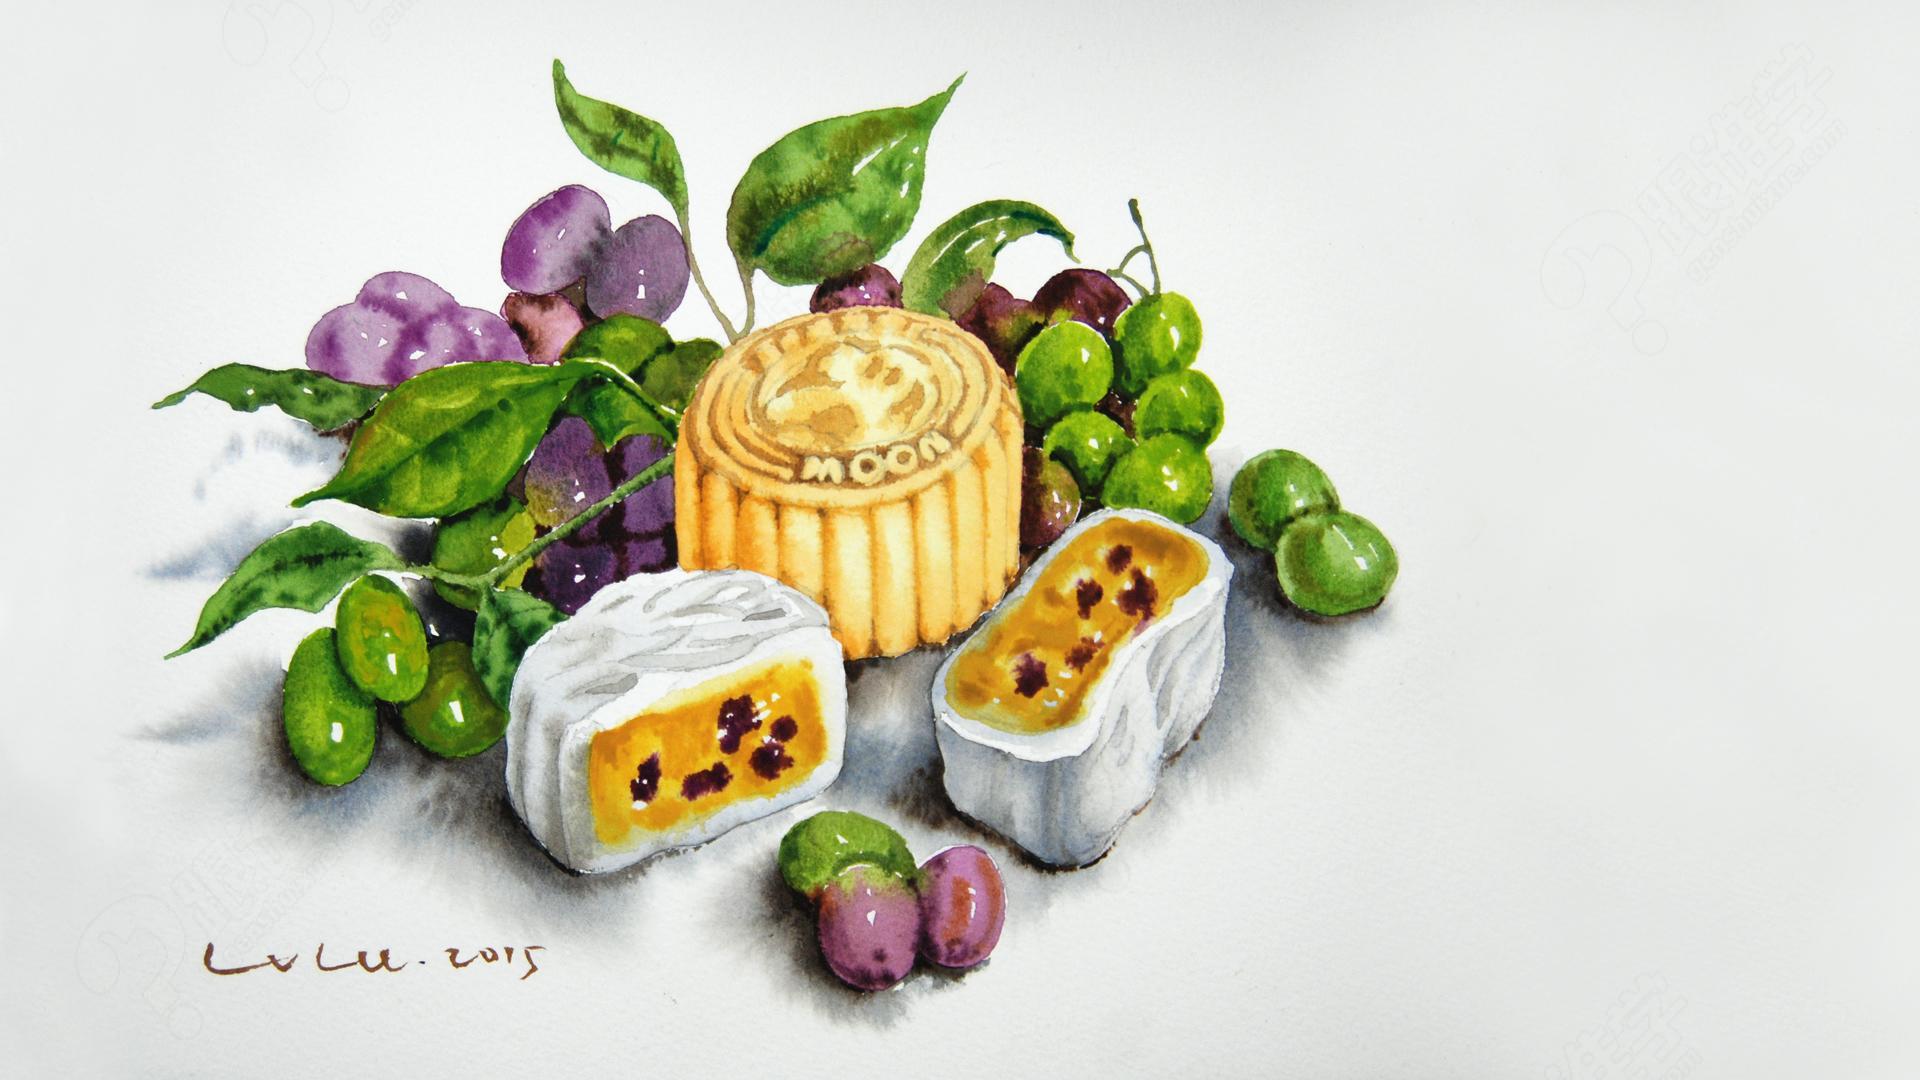 【视频】水彩静物教学视频【月饼和水果】